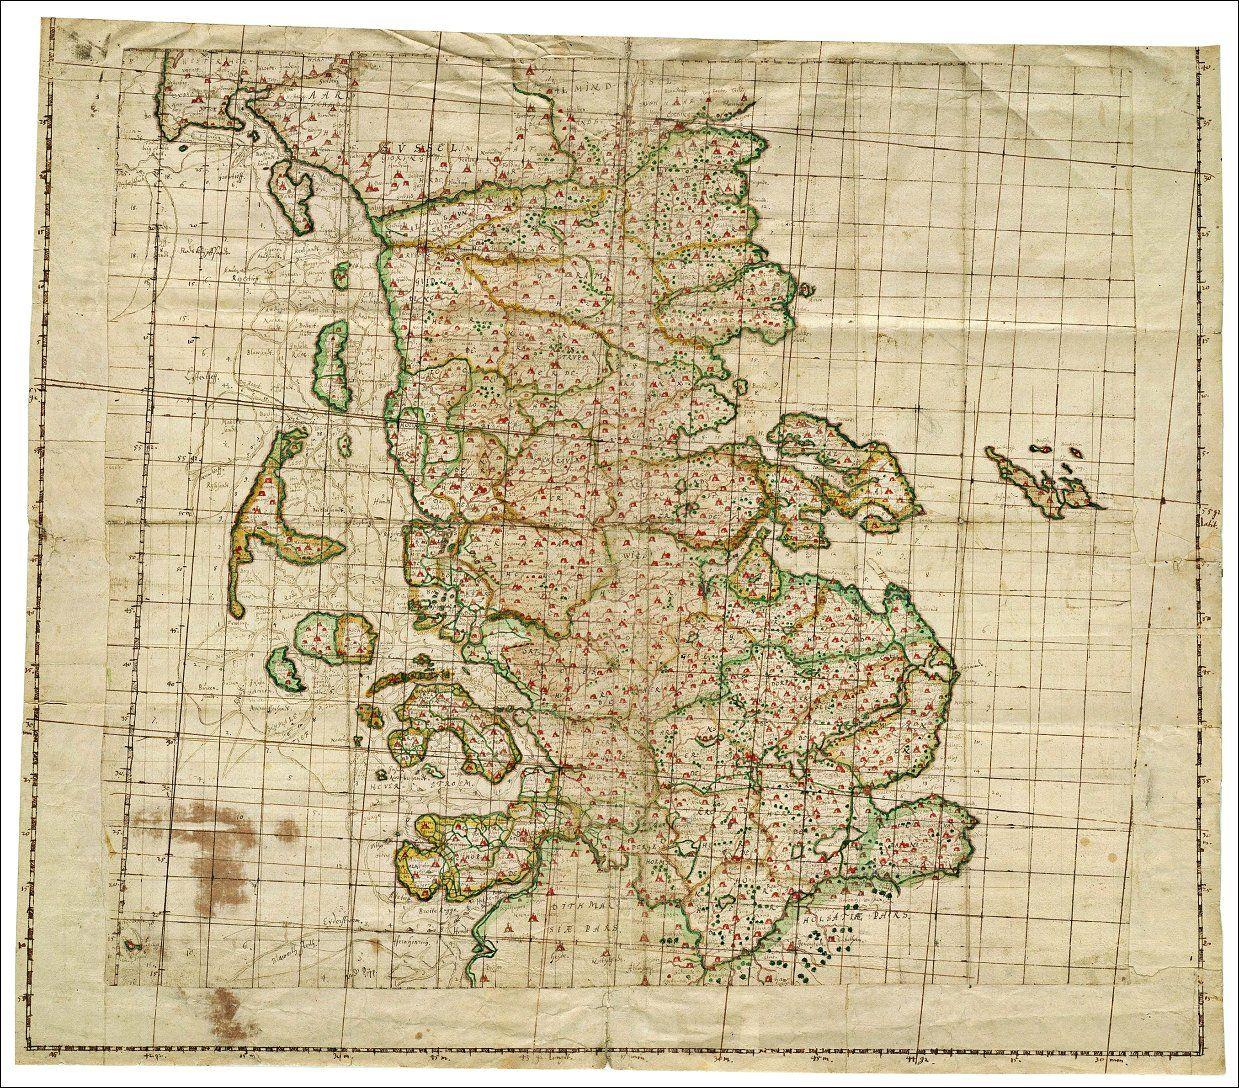 Kort Over Schleswig 1650 Gamle Kort Kort Og Danmark